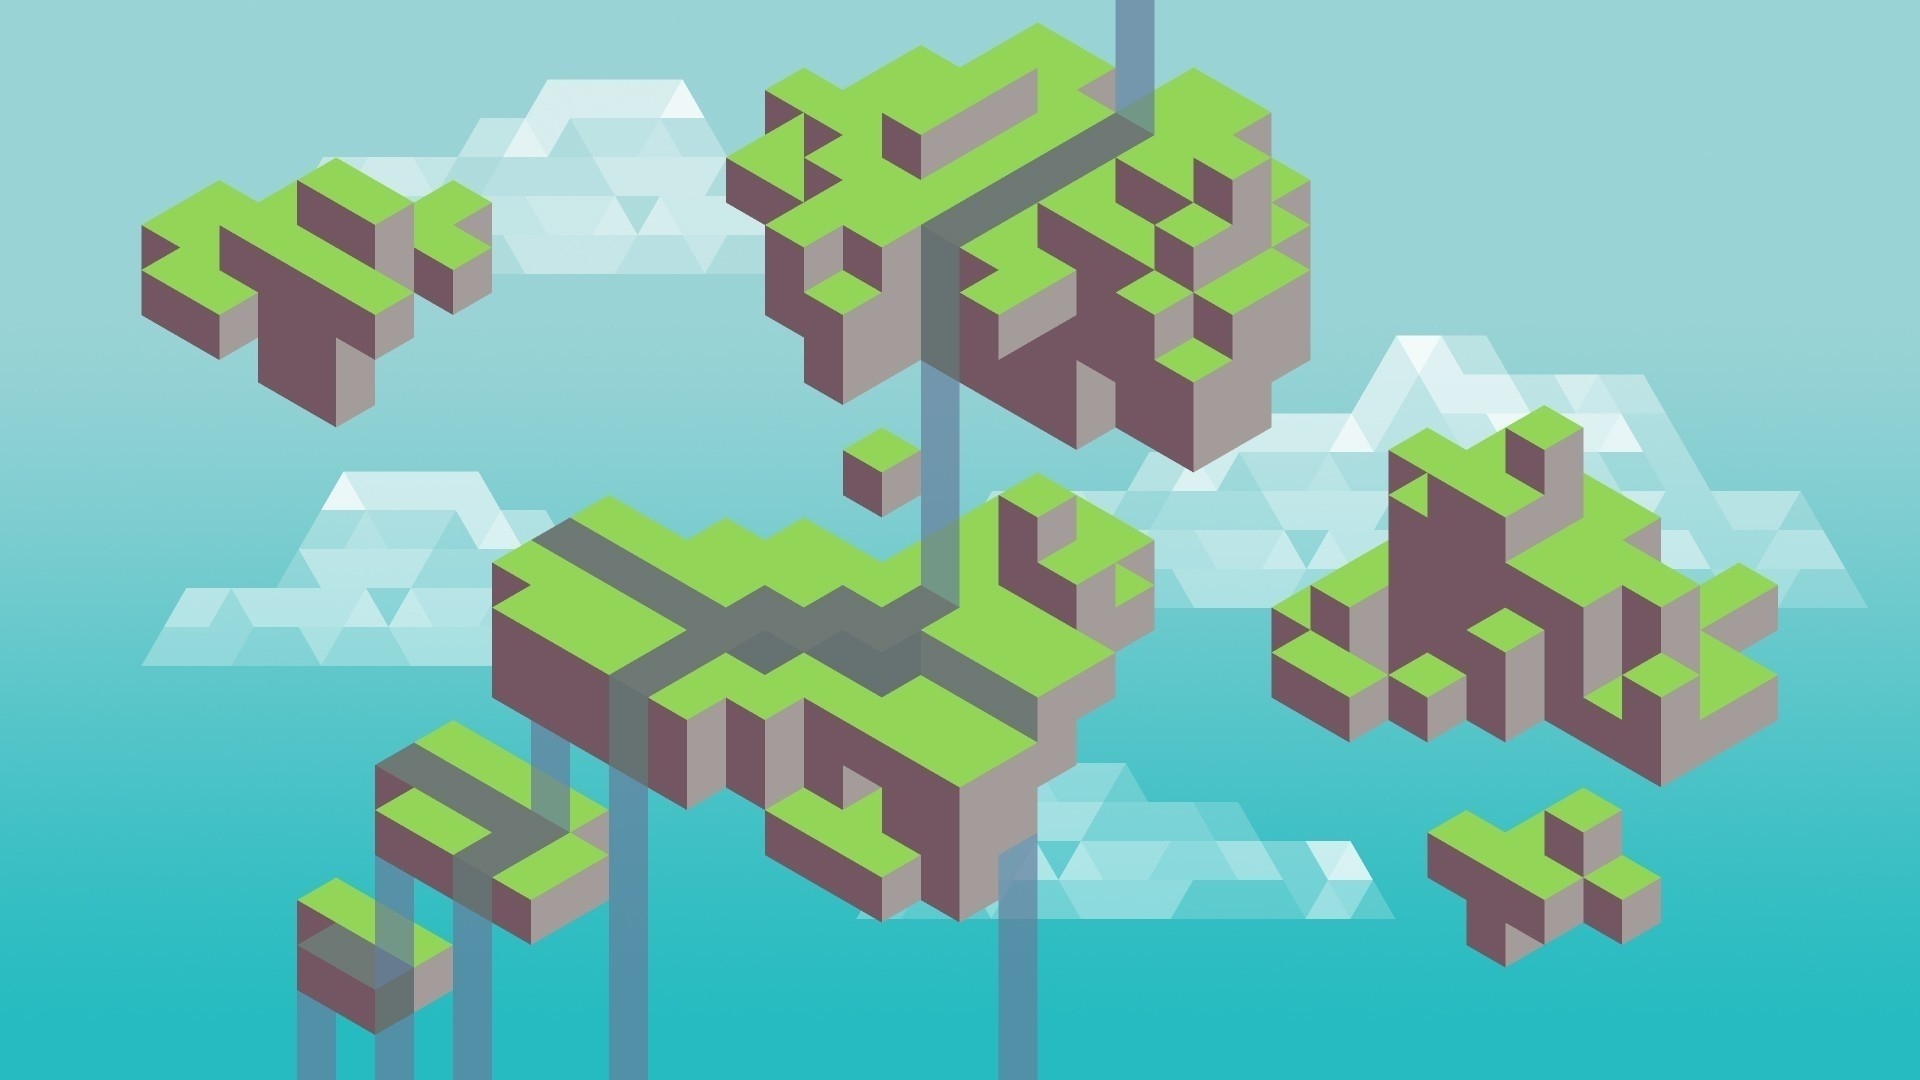 Minecraft Minimalist HD Wallpaper